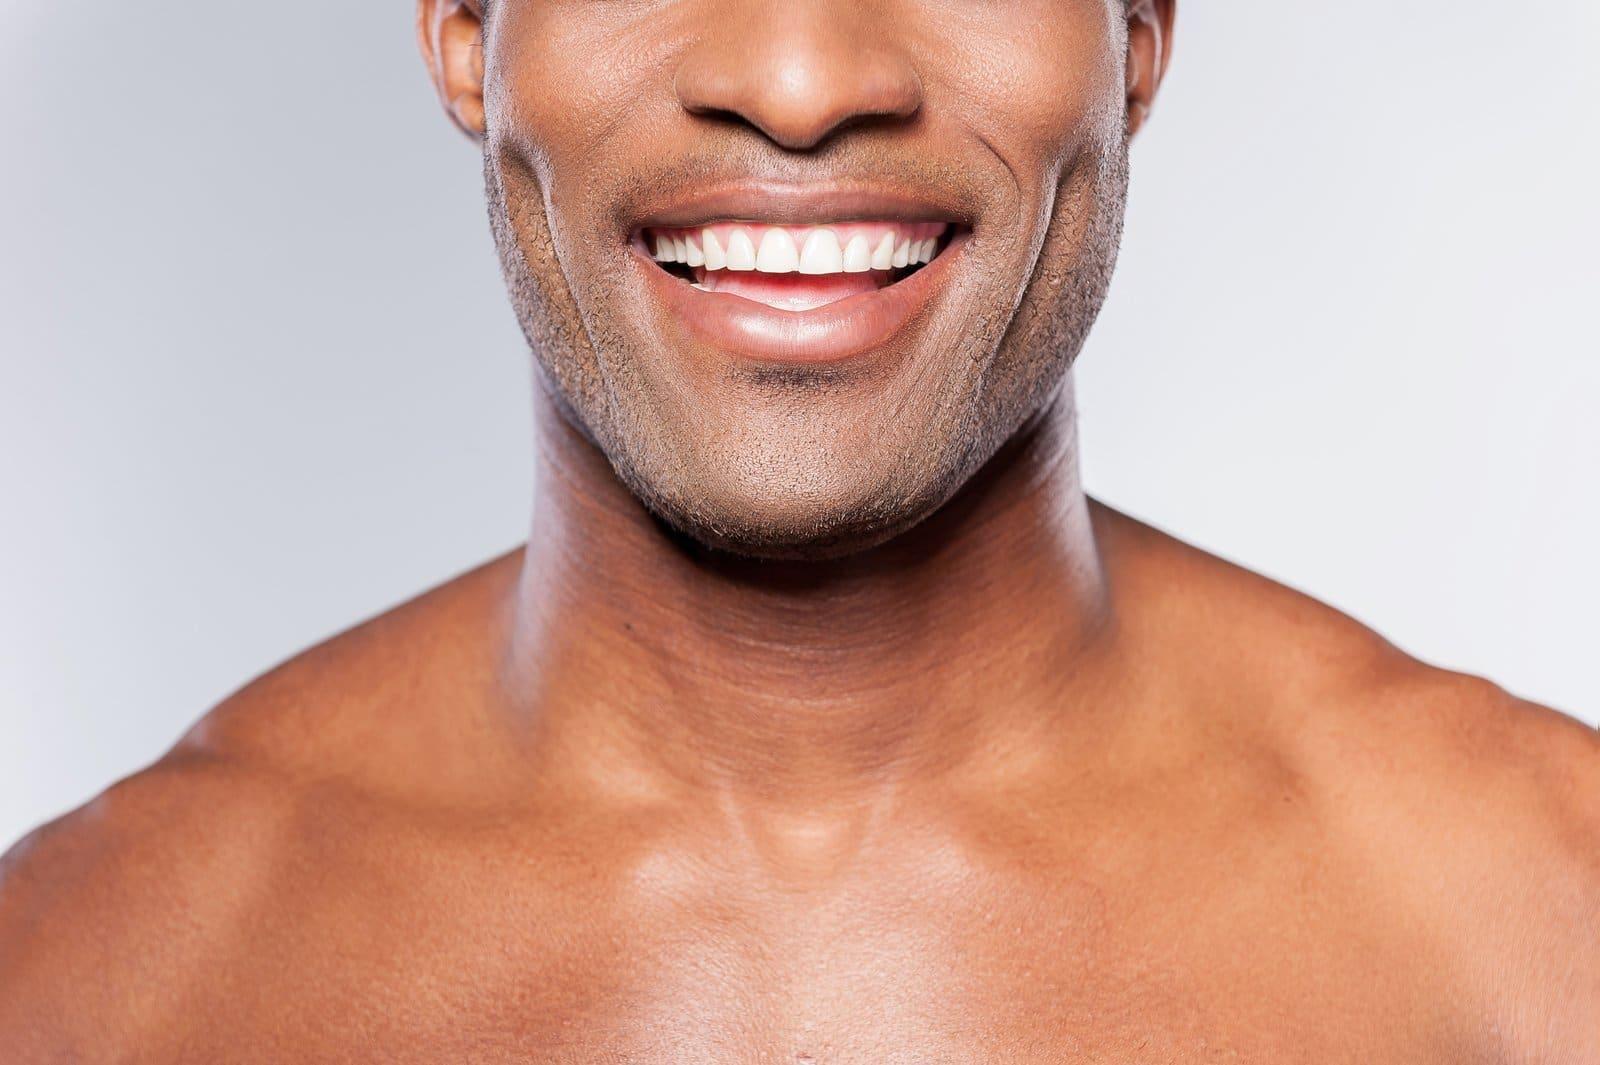 black-man-smiling